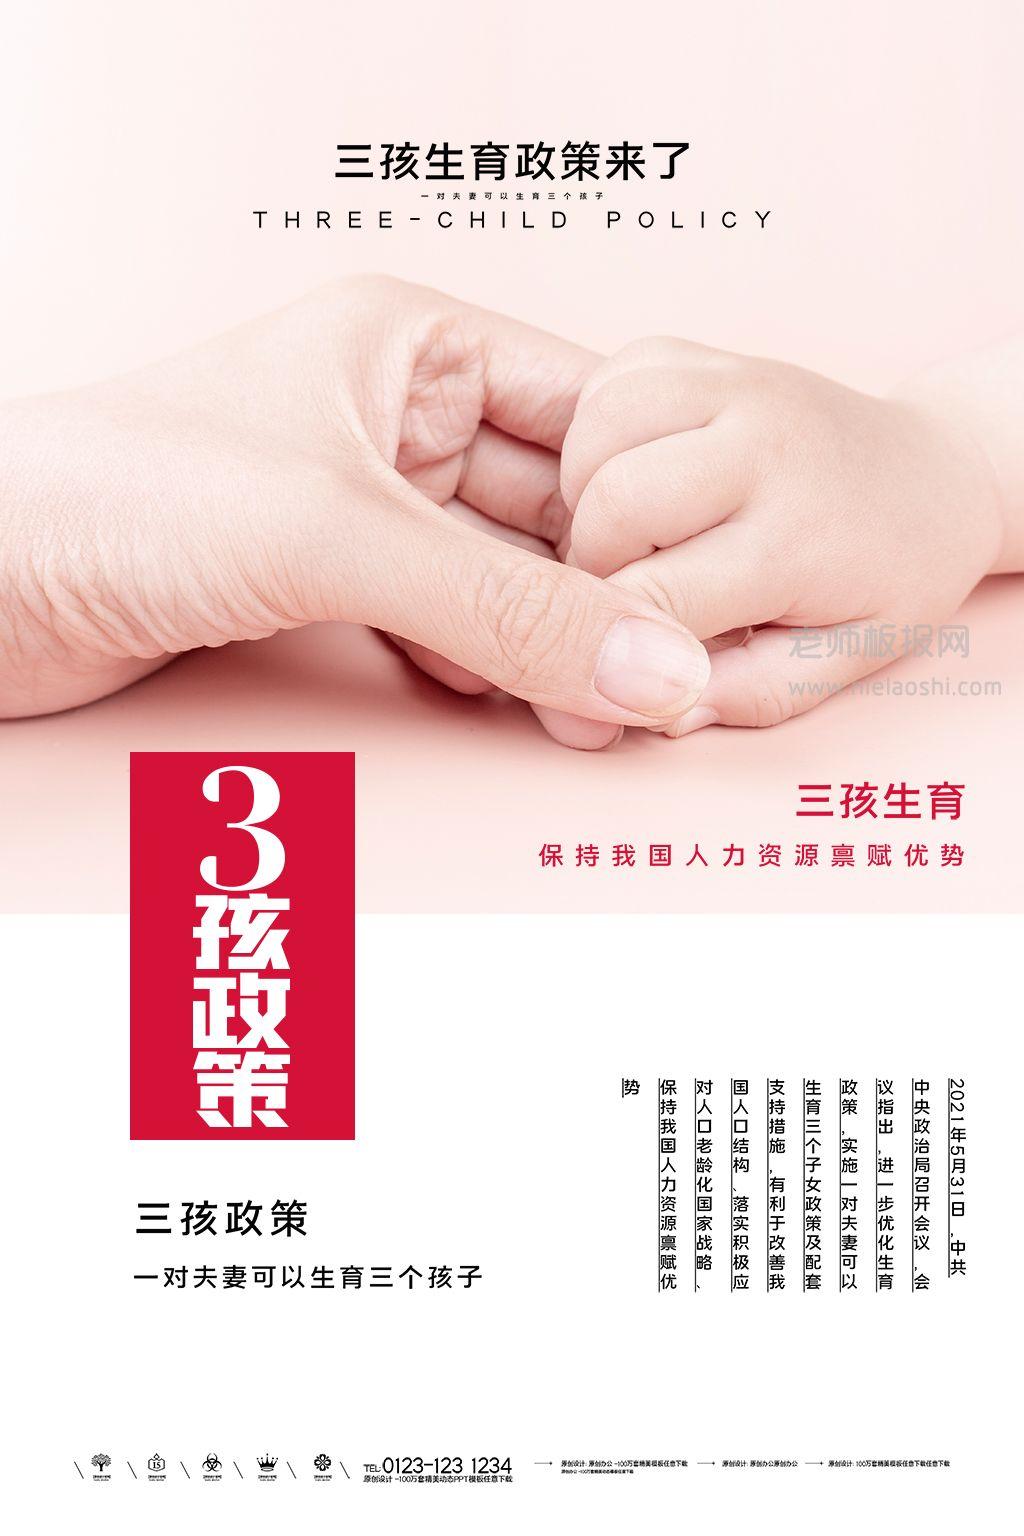 提倡三孩政策宣传海报PSD